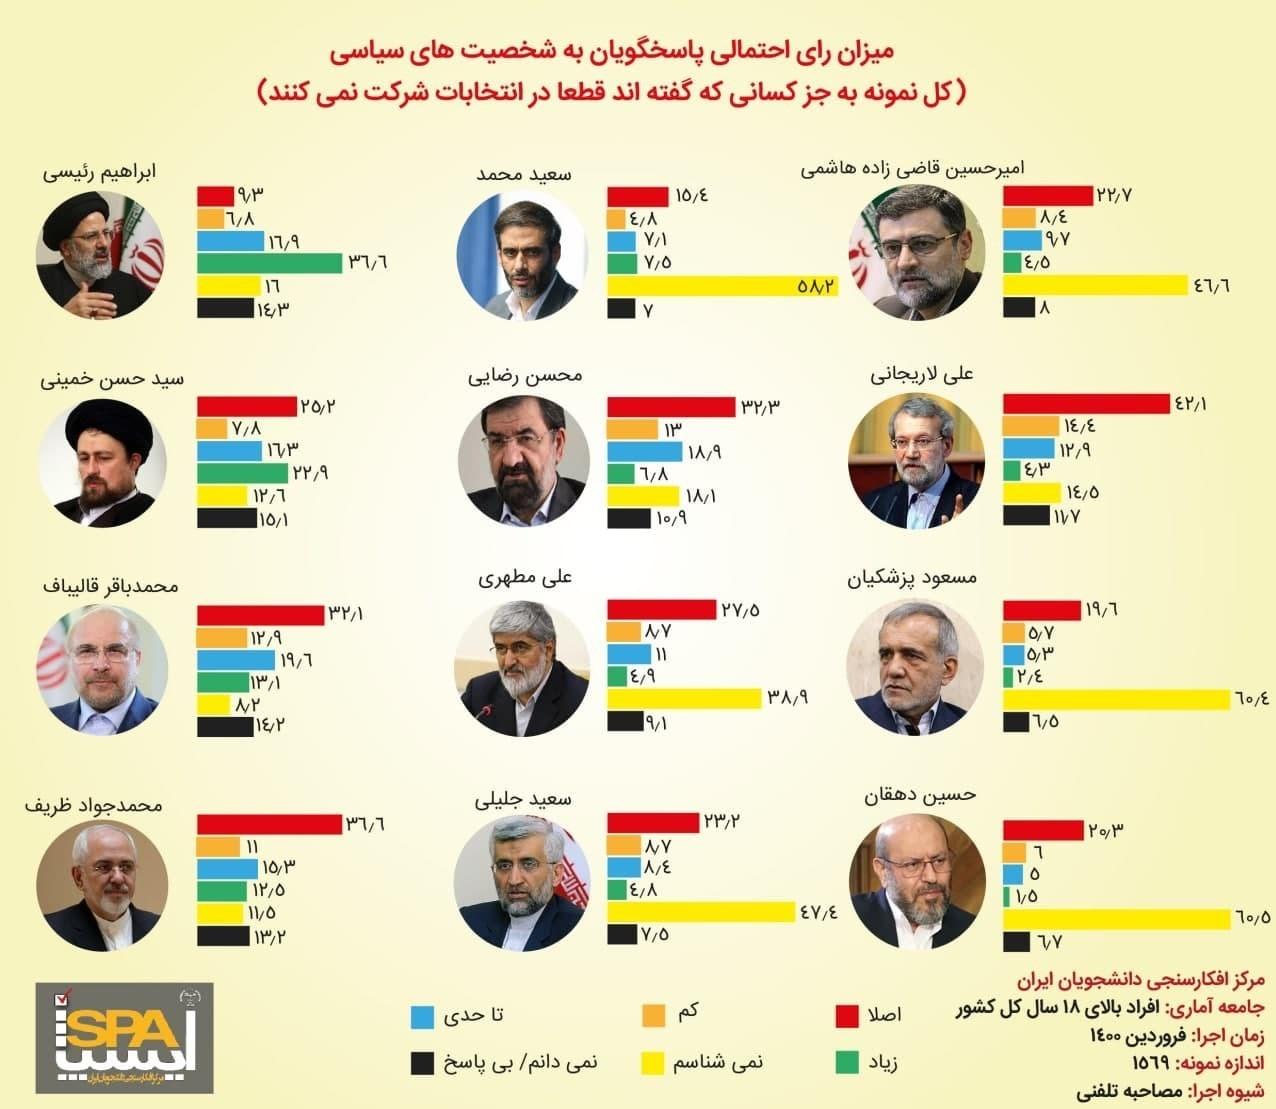 رئیسی، قالیباف و ظریف در صدر نامزدهای احتمالی ریاستجمهوری ۱۴۰۰+ نمودار